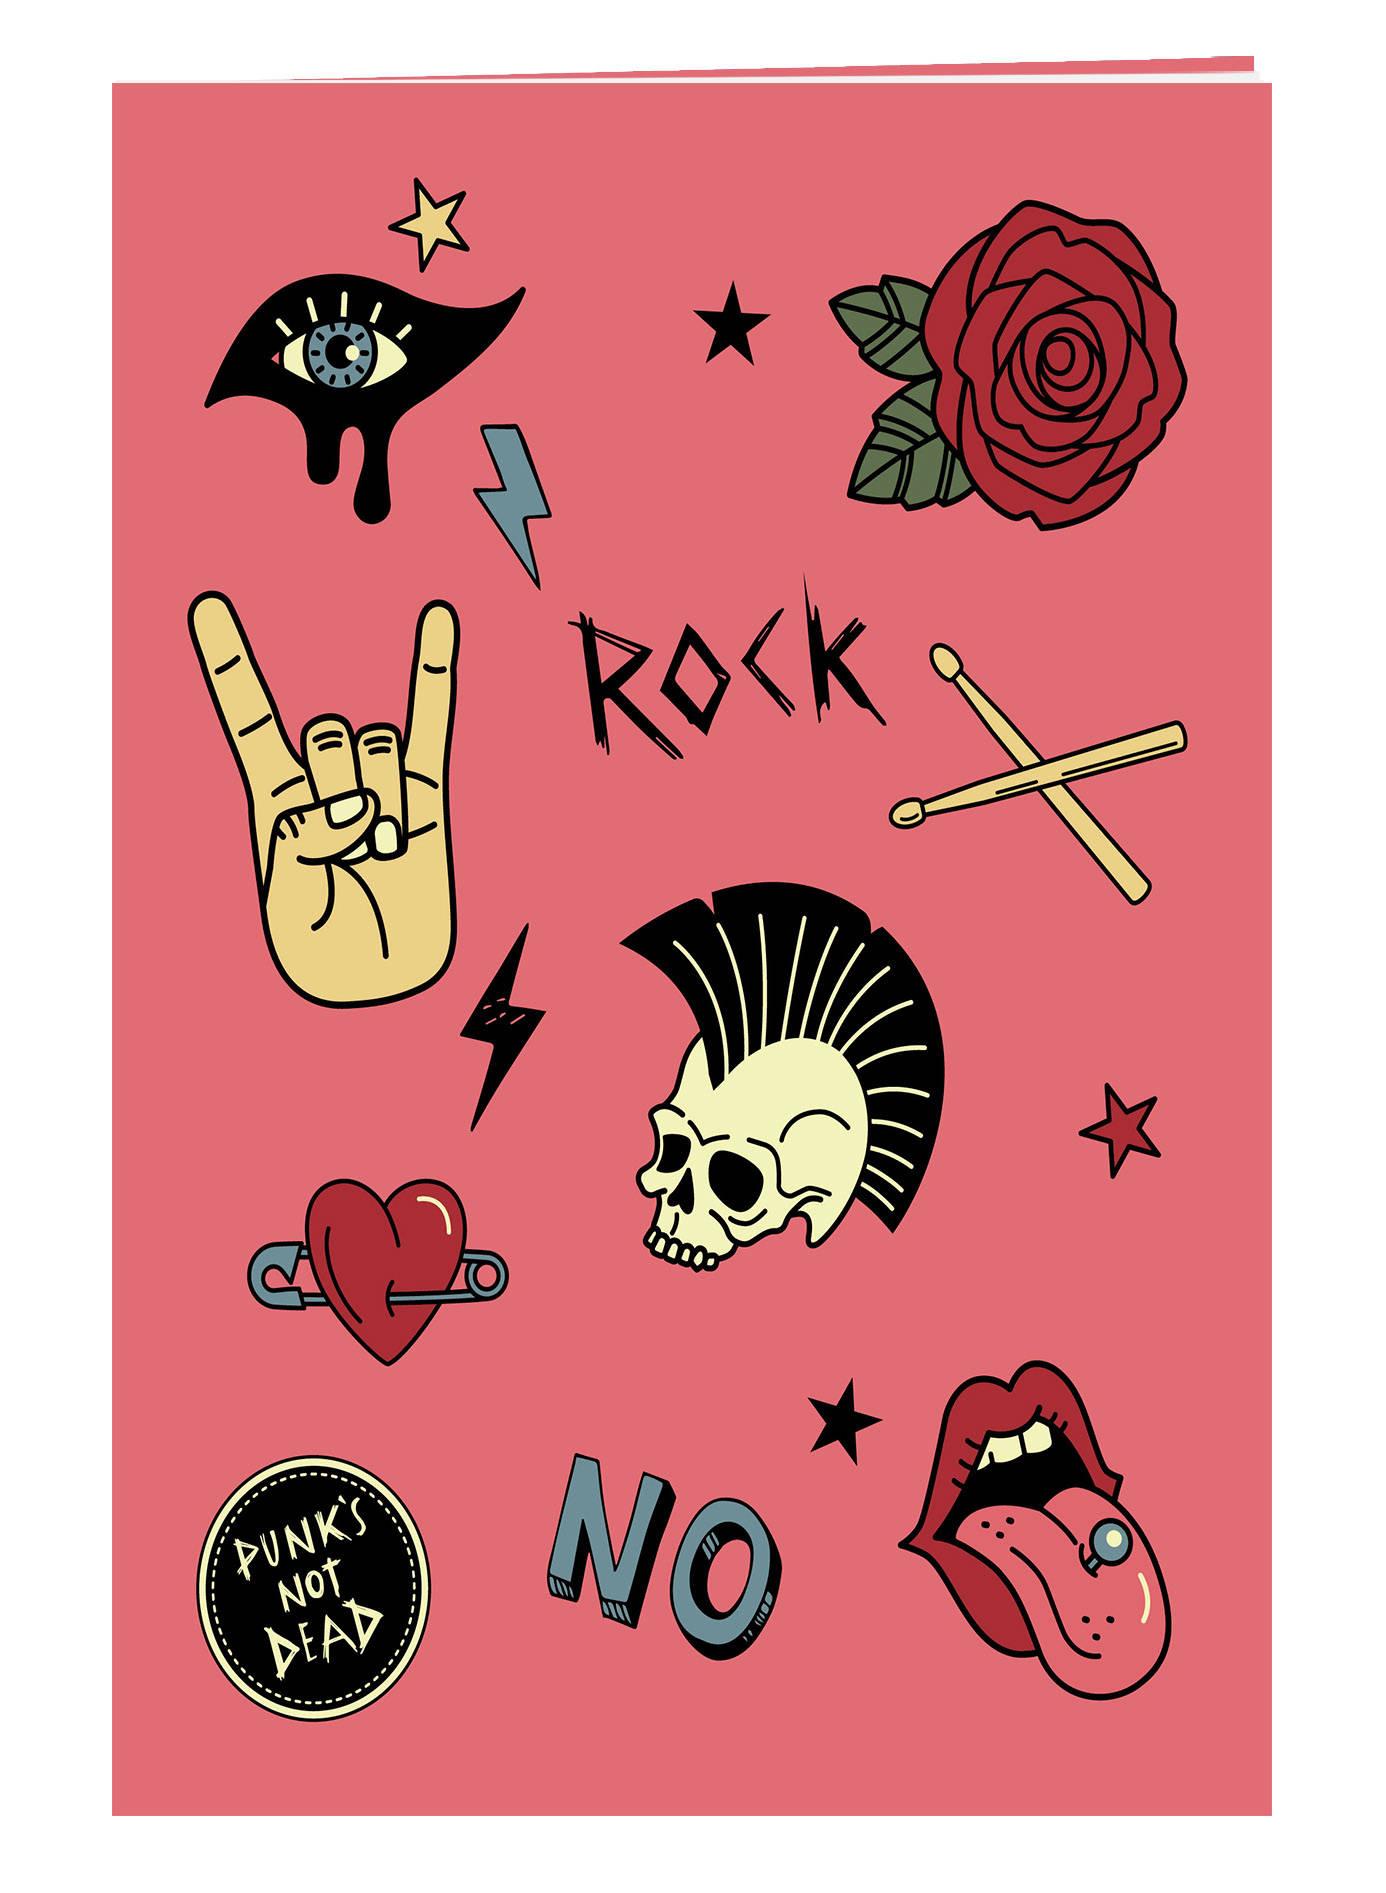 Punk's not dead. Тетрадь общая (А5, 48 л., накидка)